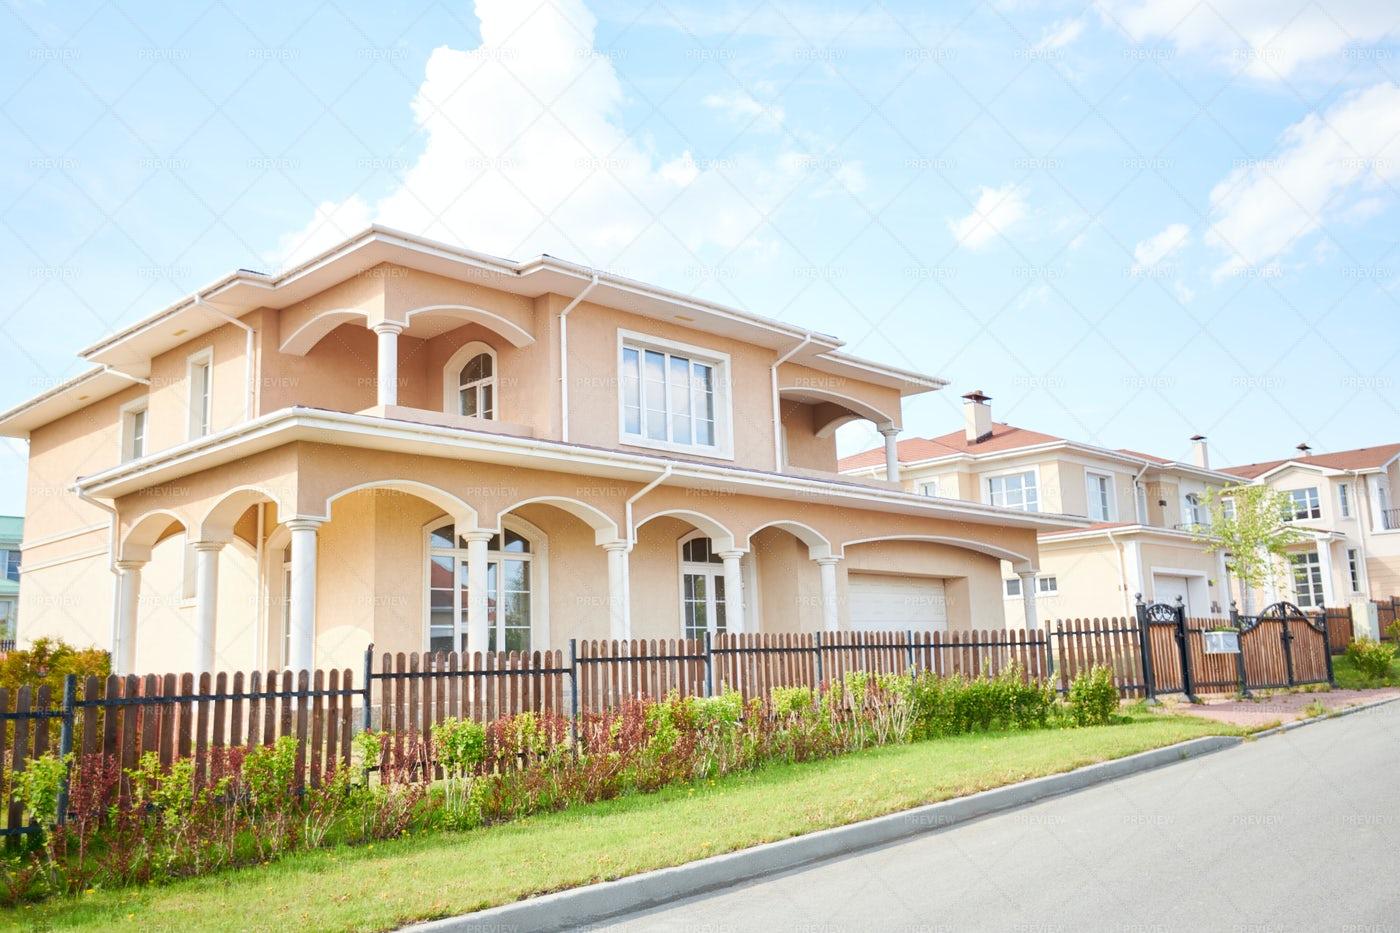 Big Beautiful House: Stock Photos